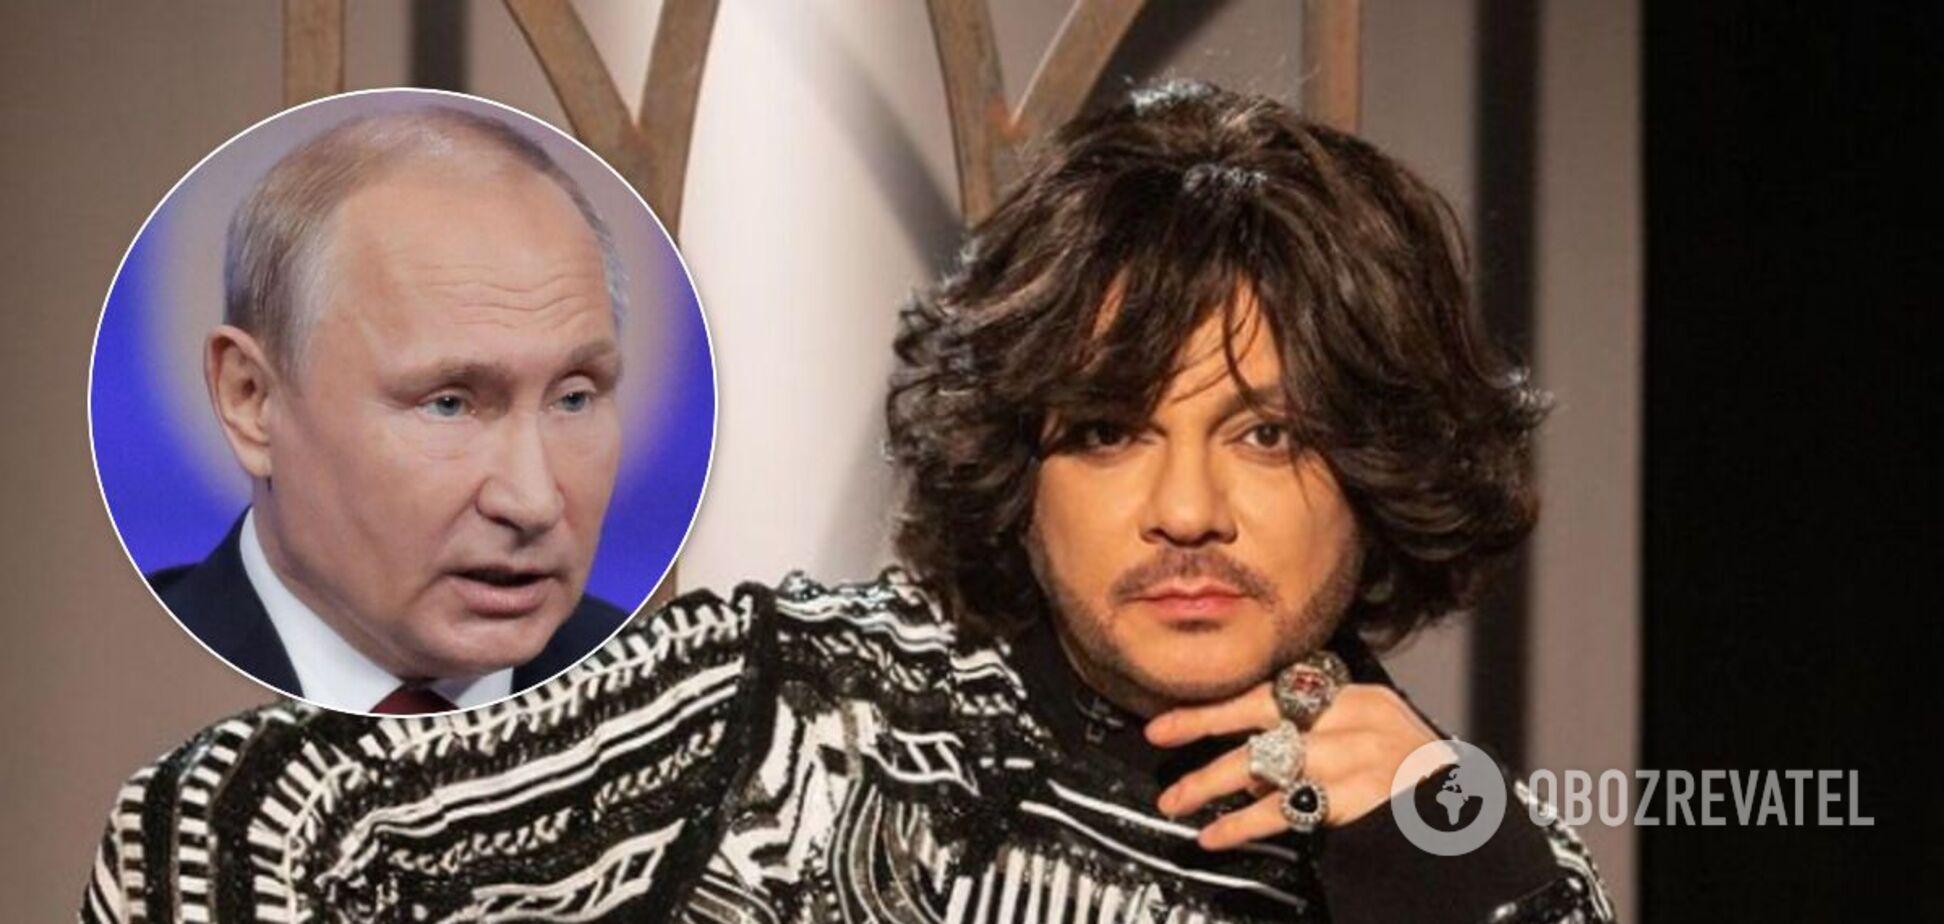 Певец Филипп Киркоров и президент РФ Владимир Путин